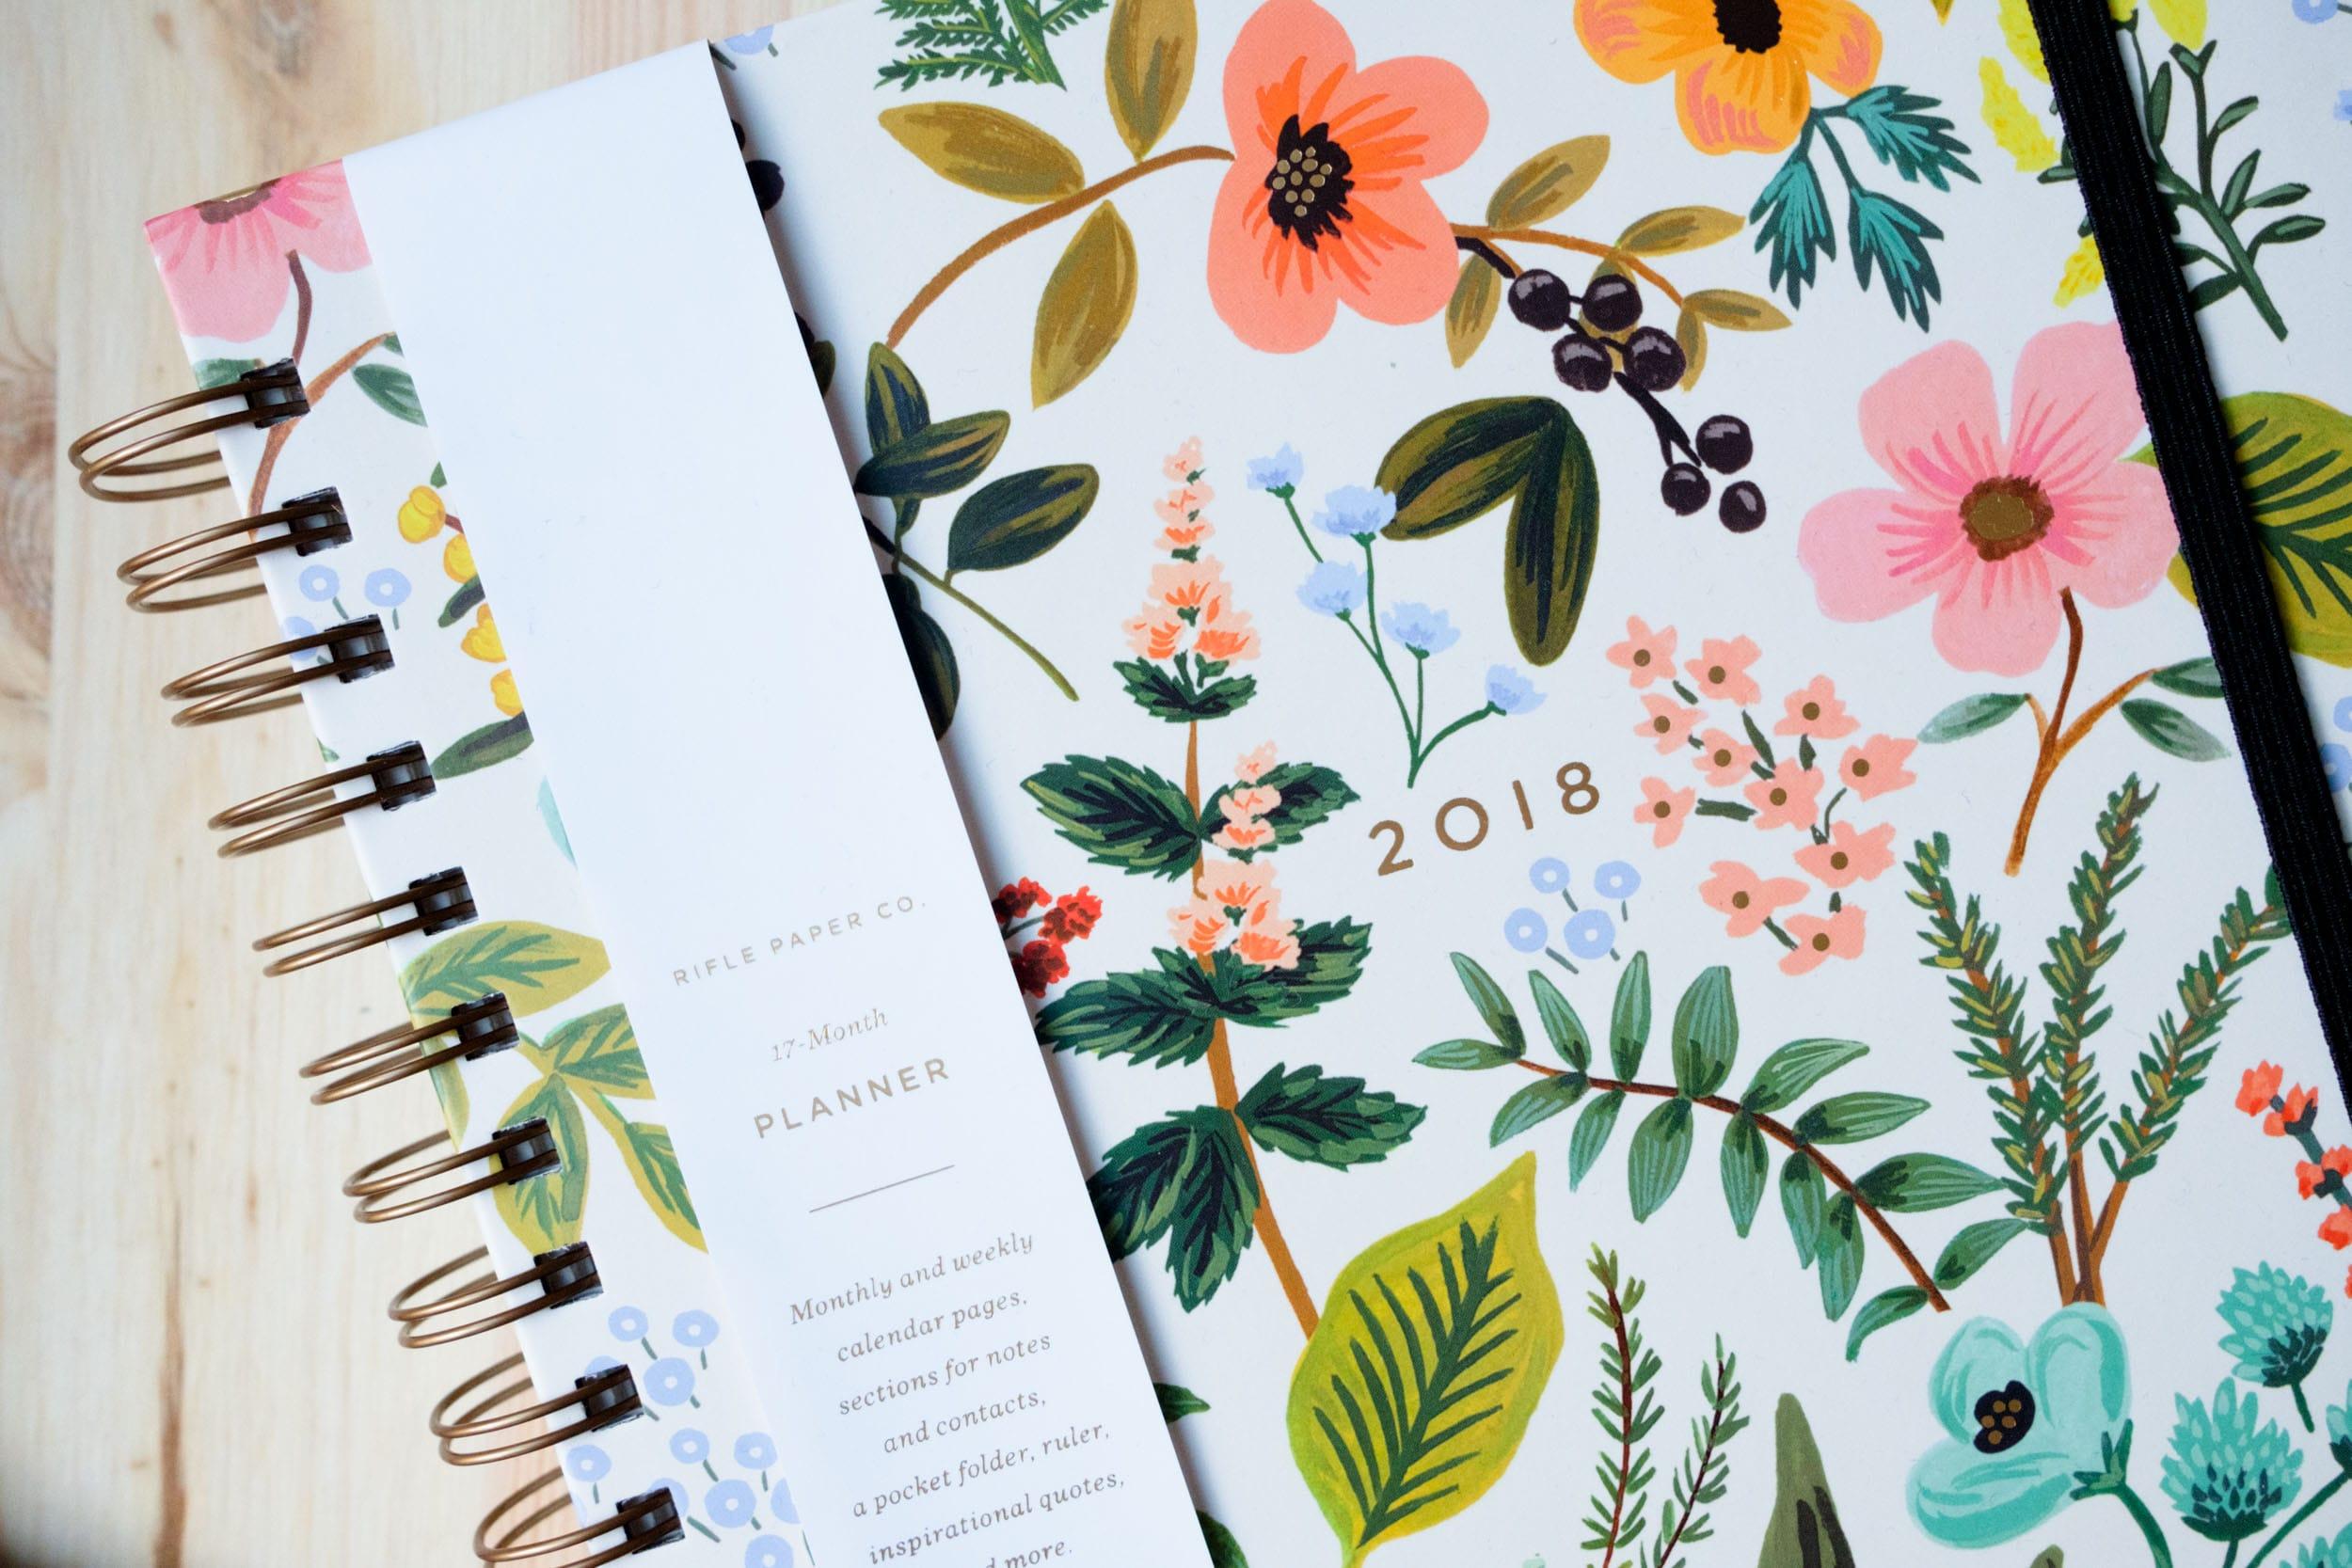 Meine Lieblinge im neuen Jahr | Schöne Dinge im Dezember und Januar | Rifle Paper Co. Stationary Terminplaner 2018 | Mehr auf ivy.li